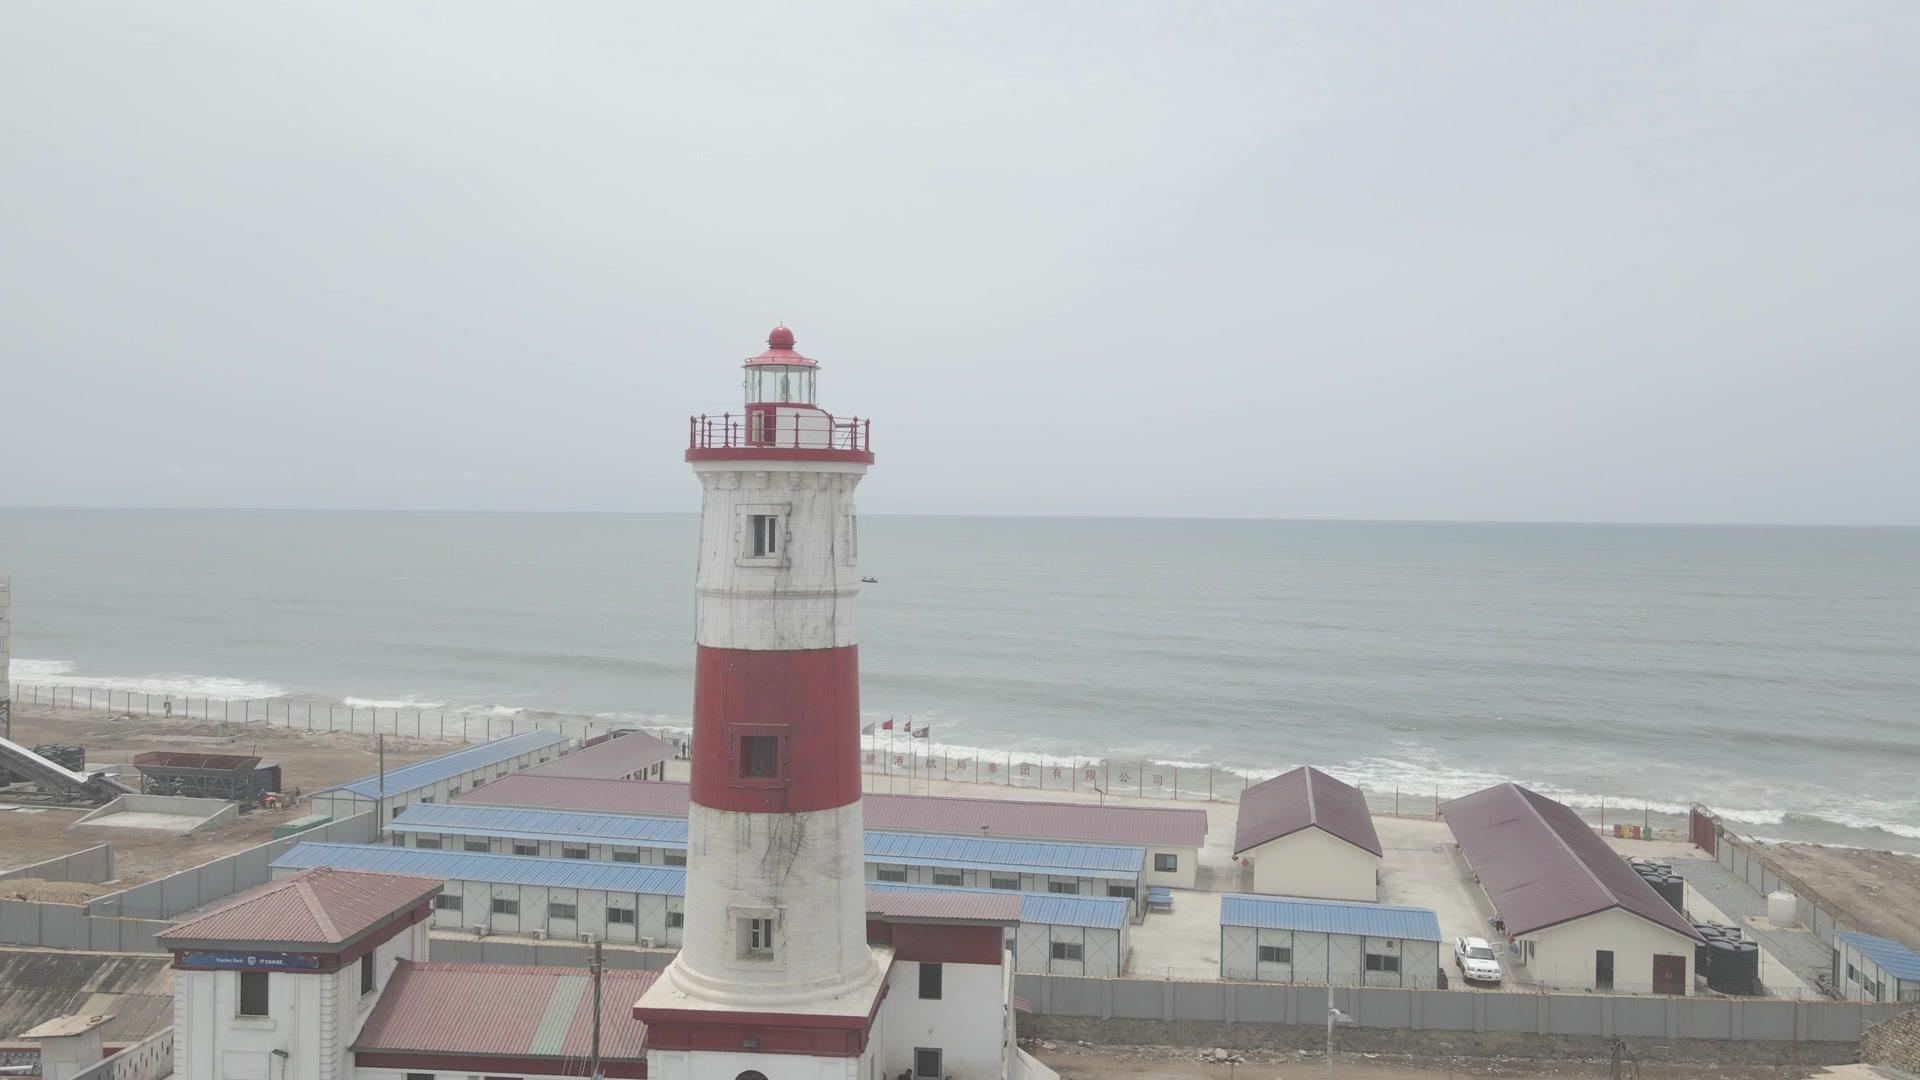 Lighthouse Accra Jamestown Orbit 360 Full